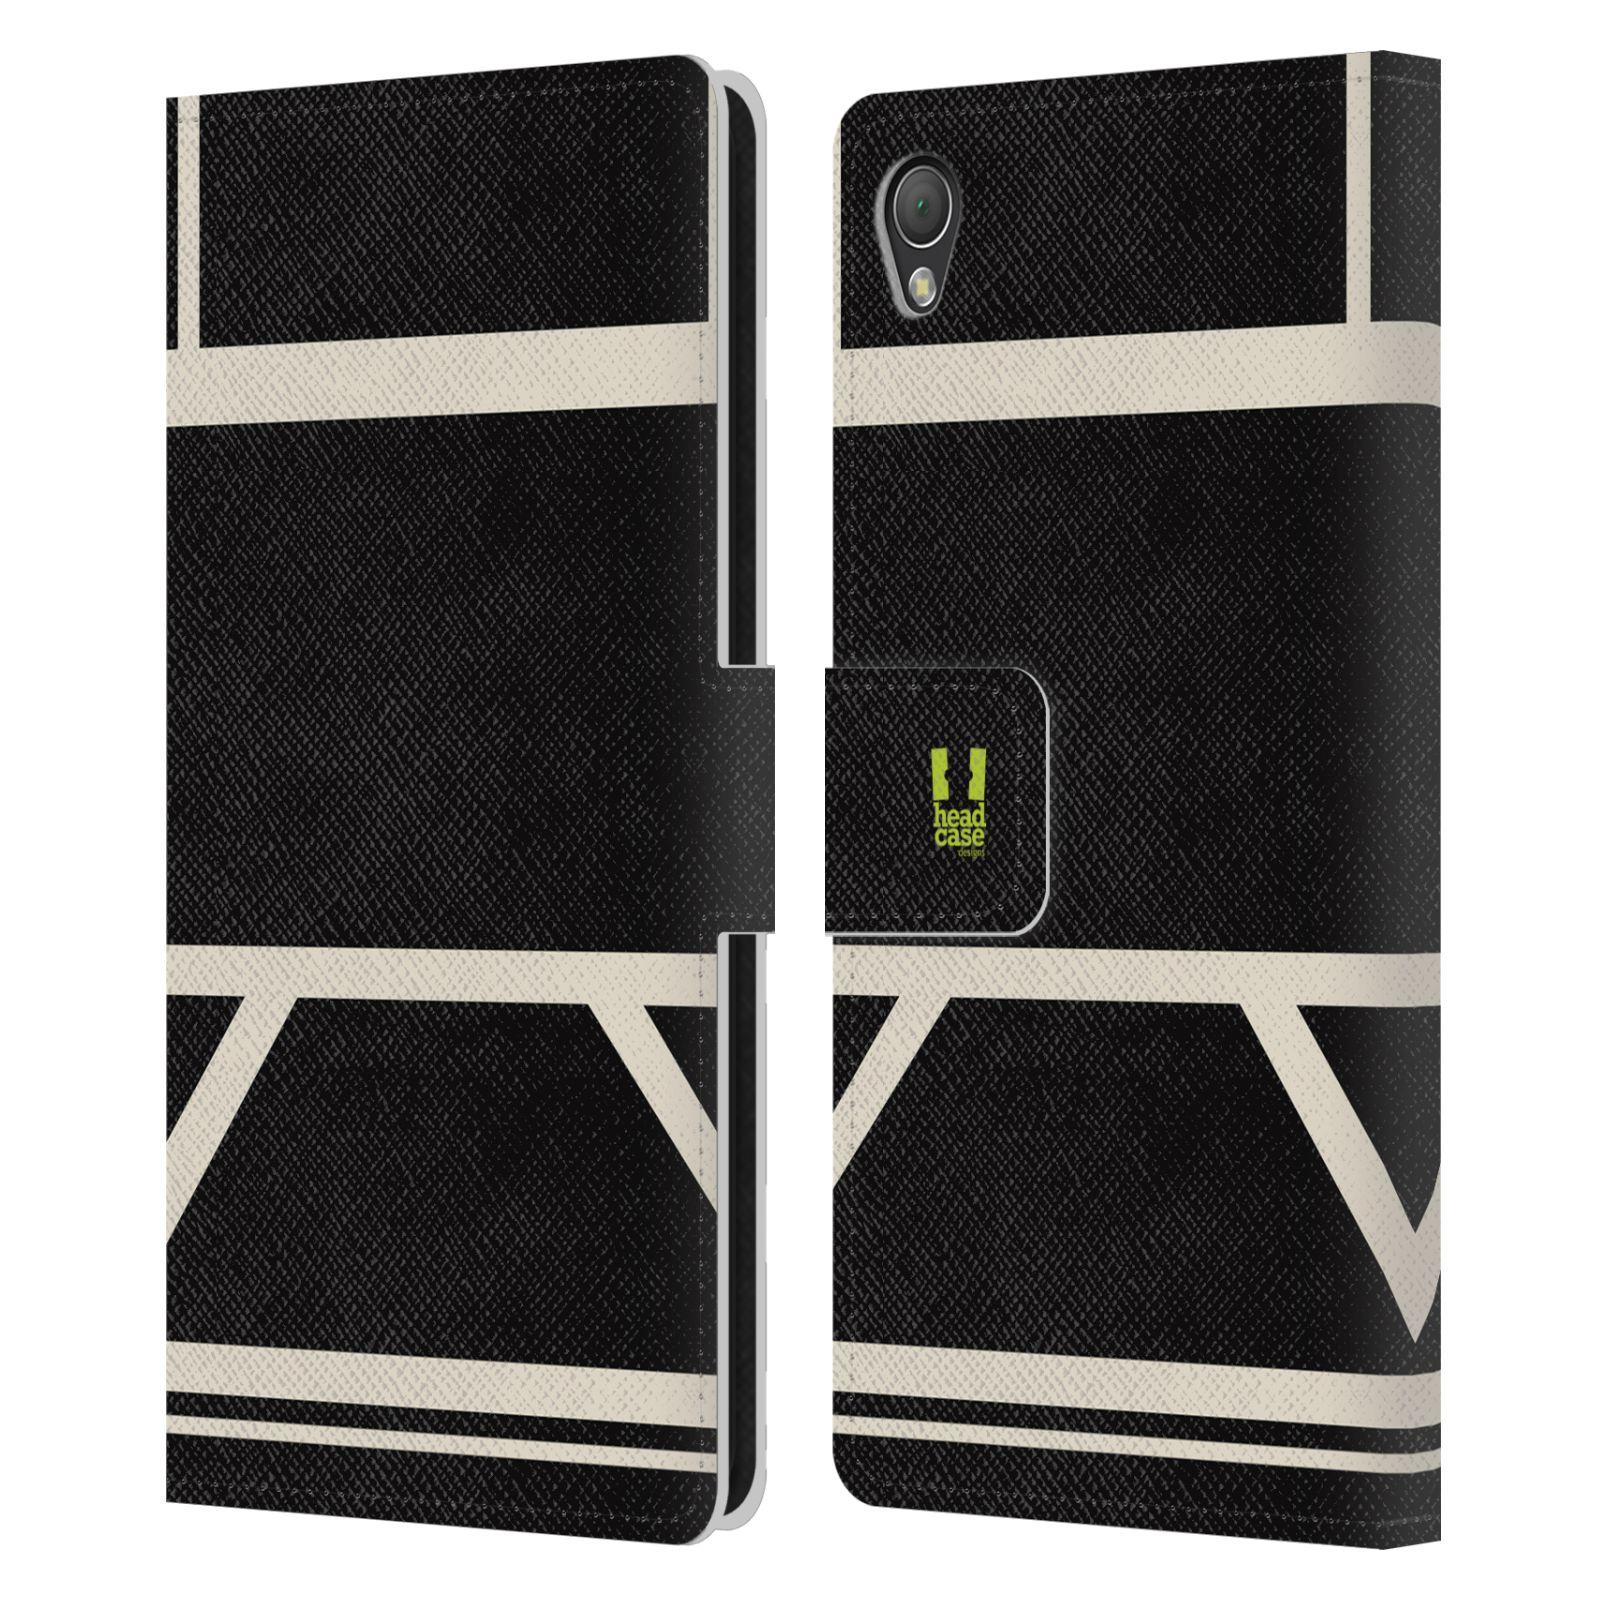 HEAD CASE Flipové pouzdro pro mobil SONY XPERIA Z3 barevné tvary černá a bílá proužek